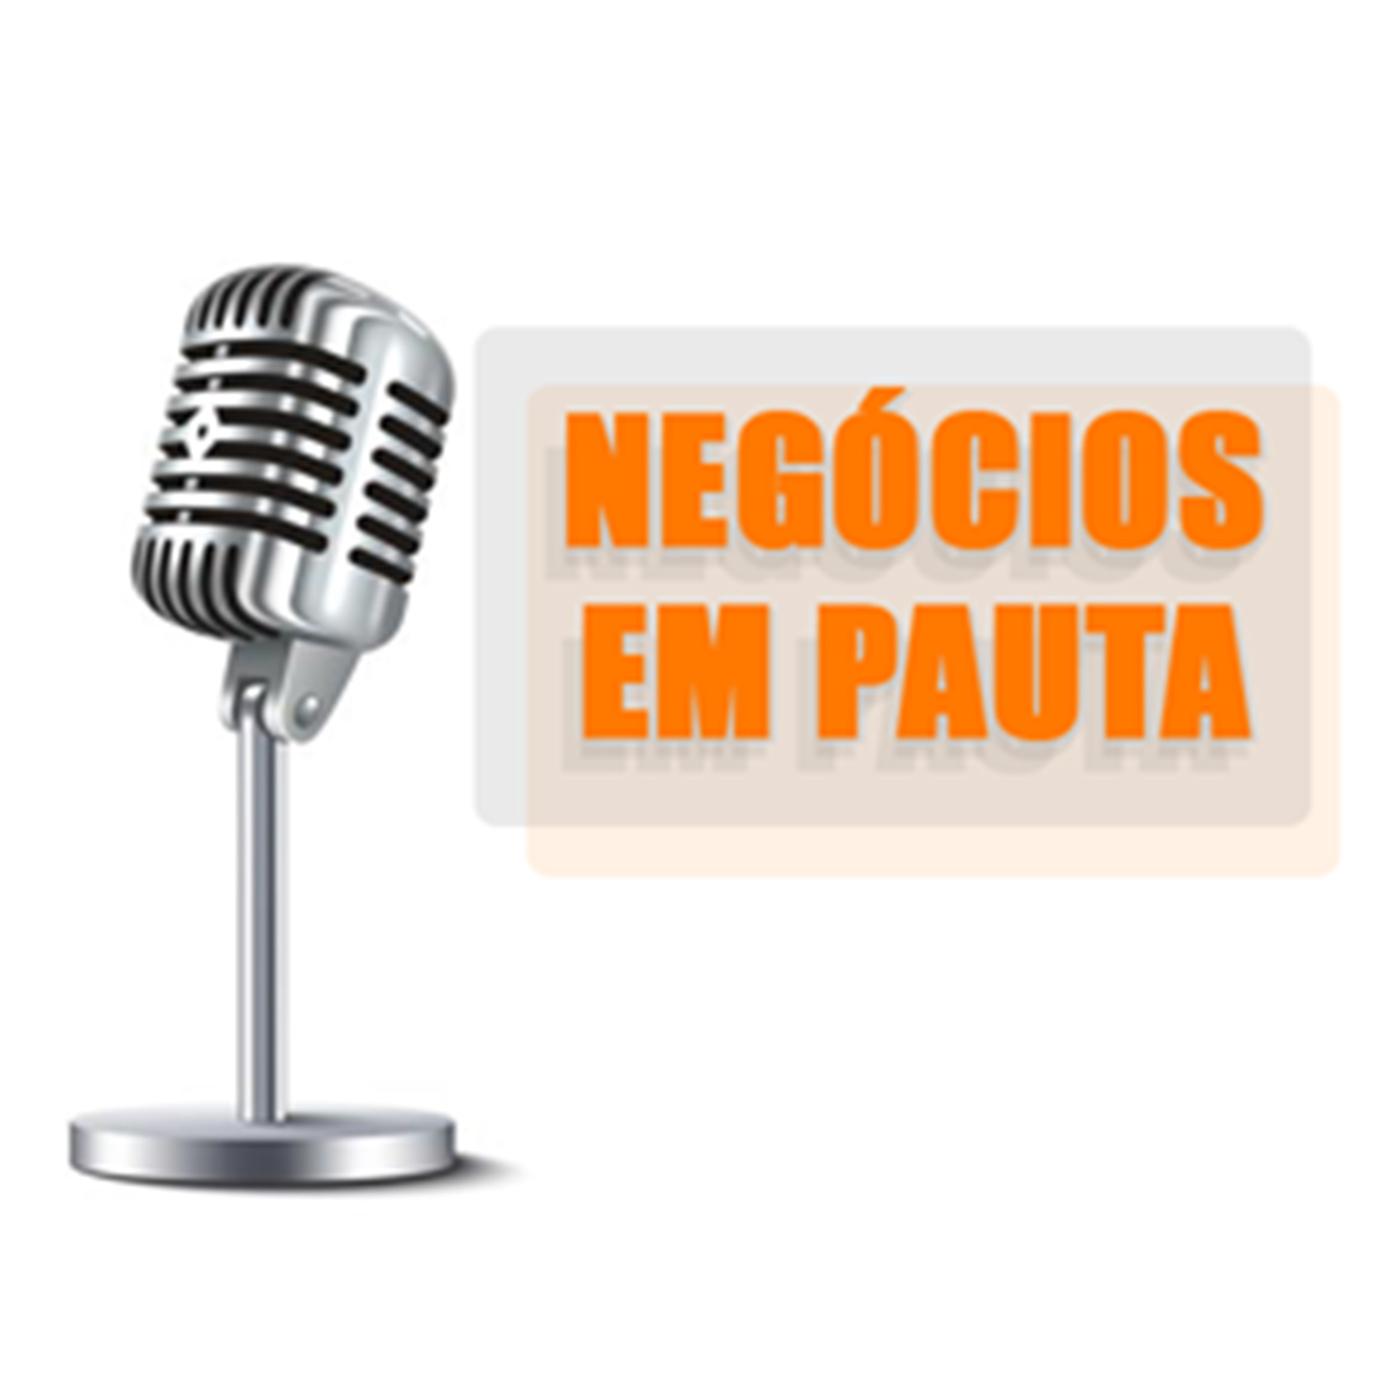 Imagem do Negócios em Pauta